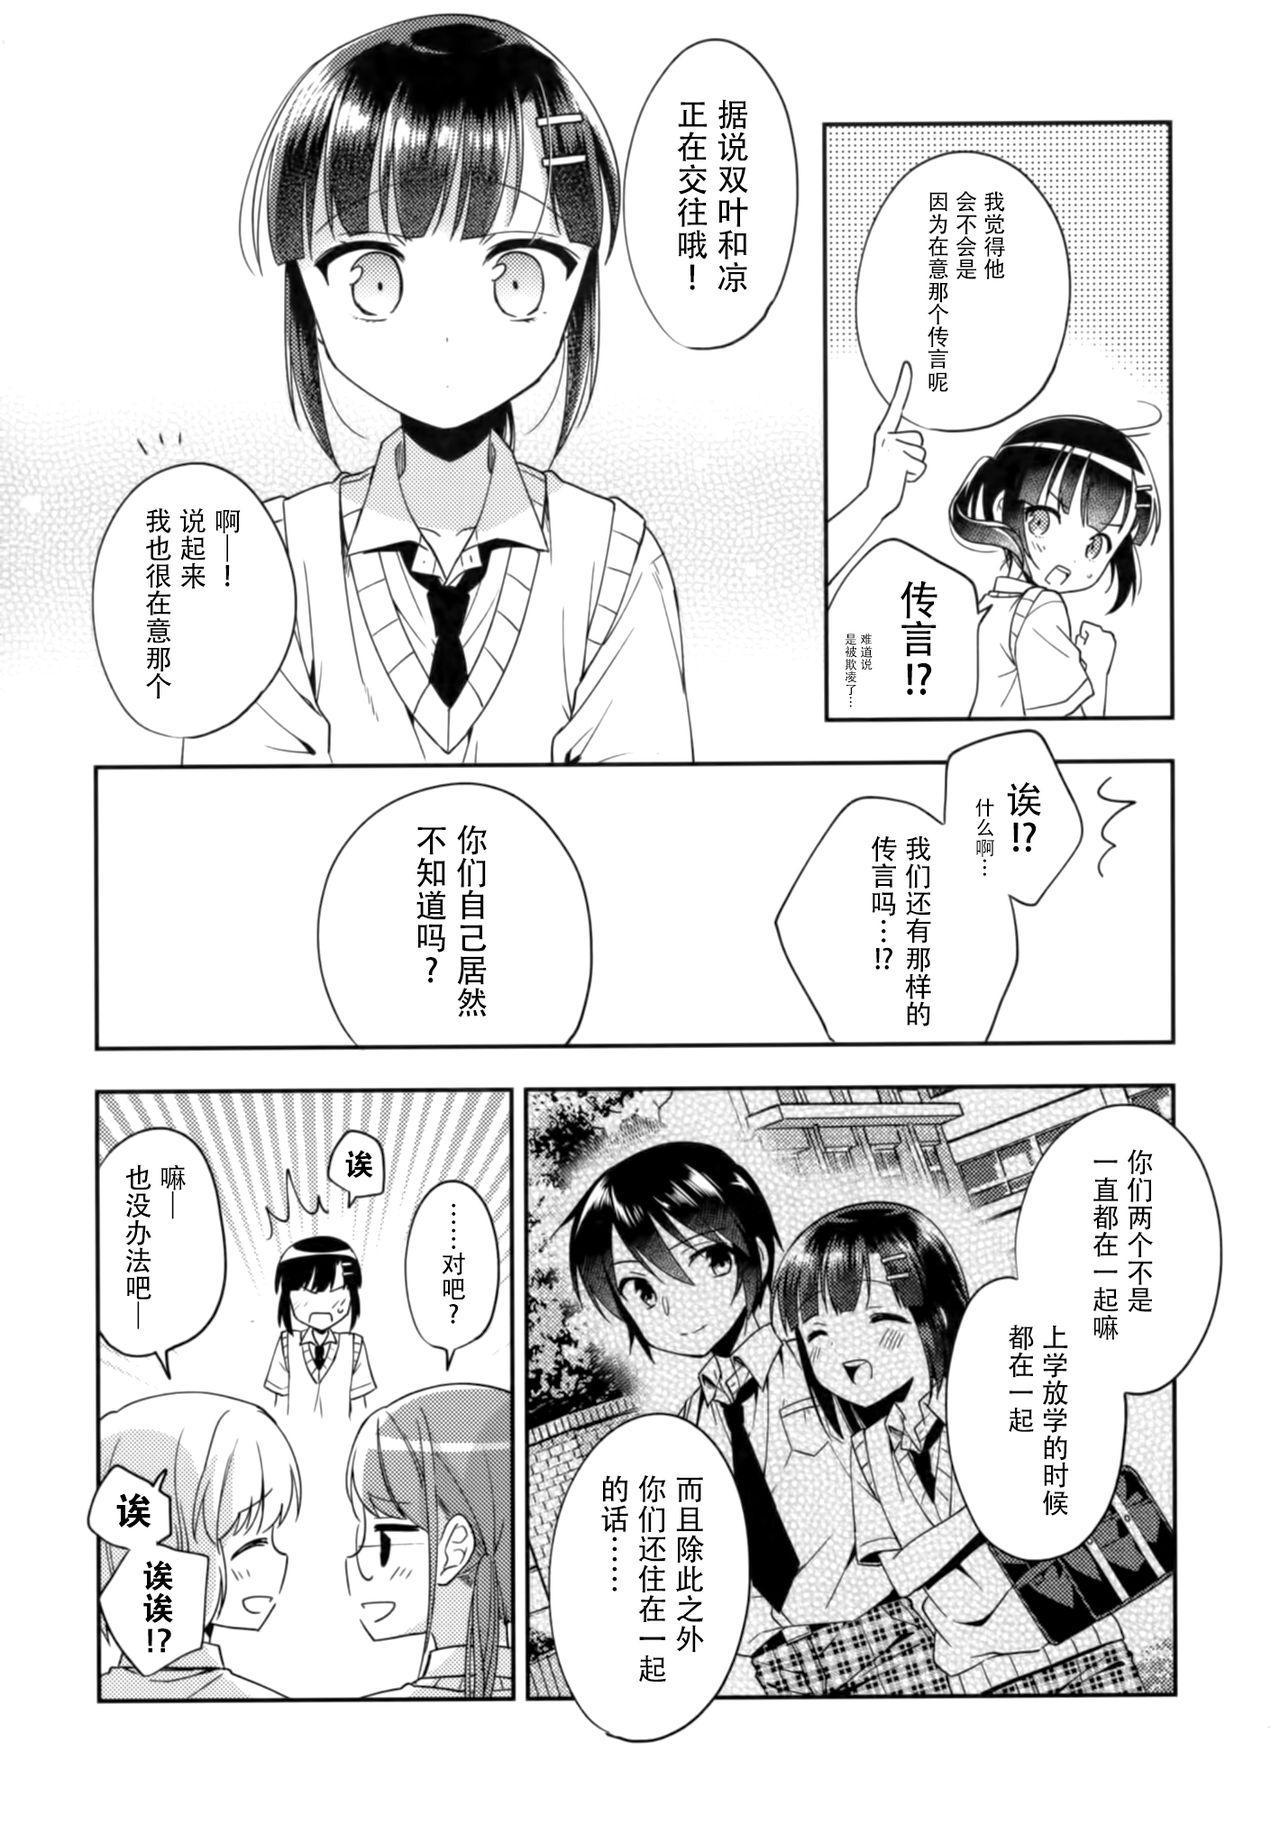 Dousei Hajimemashita 5 13